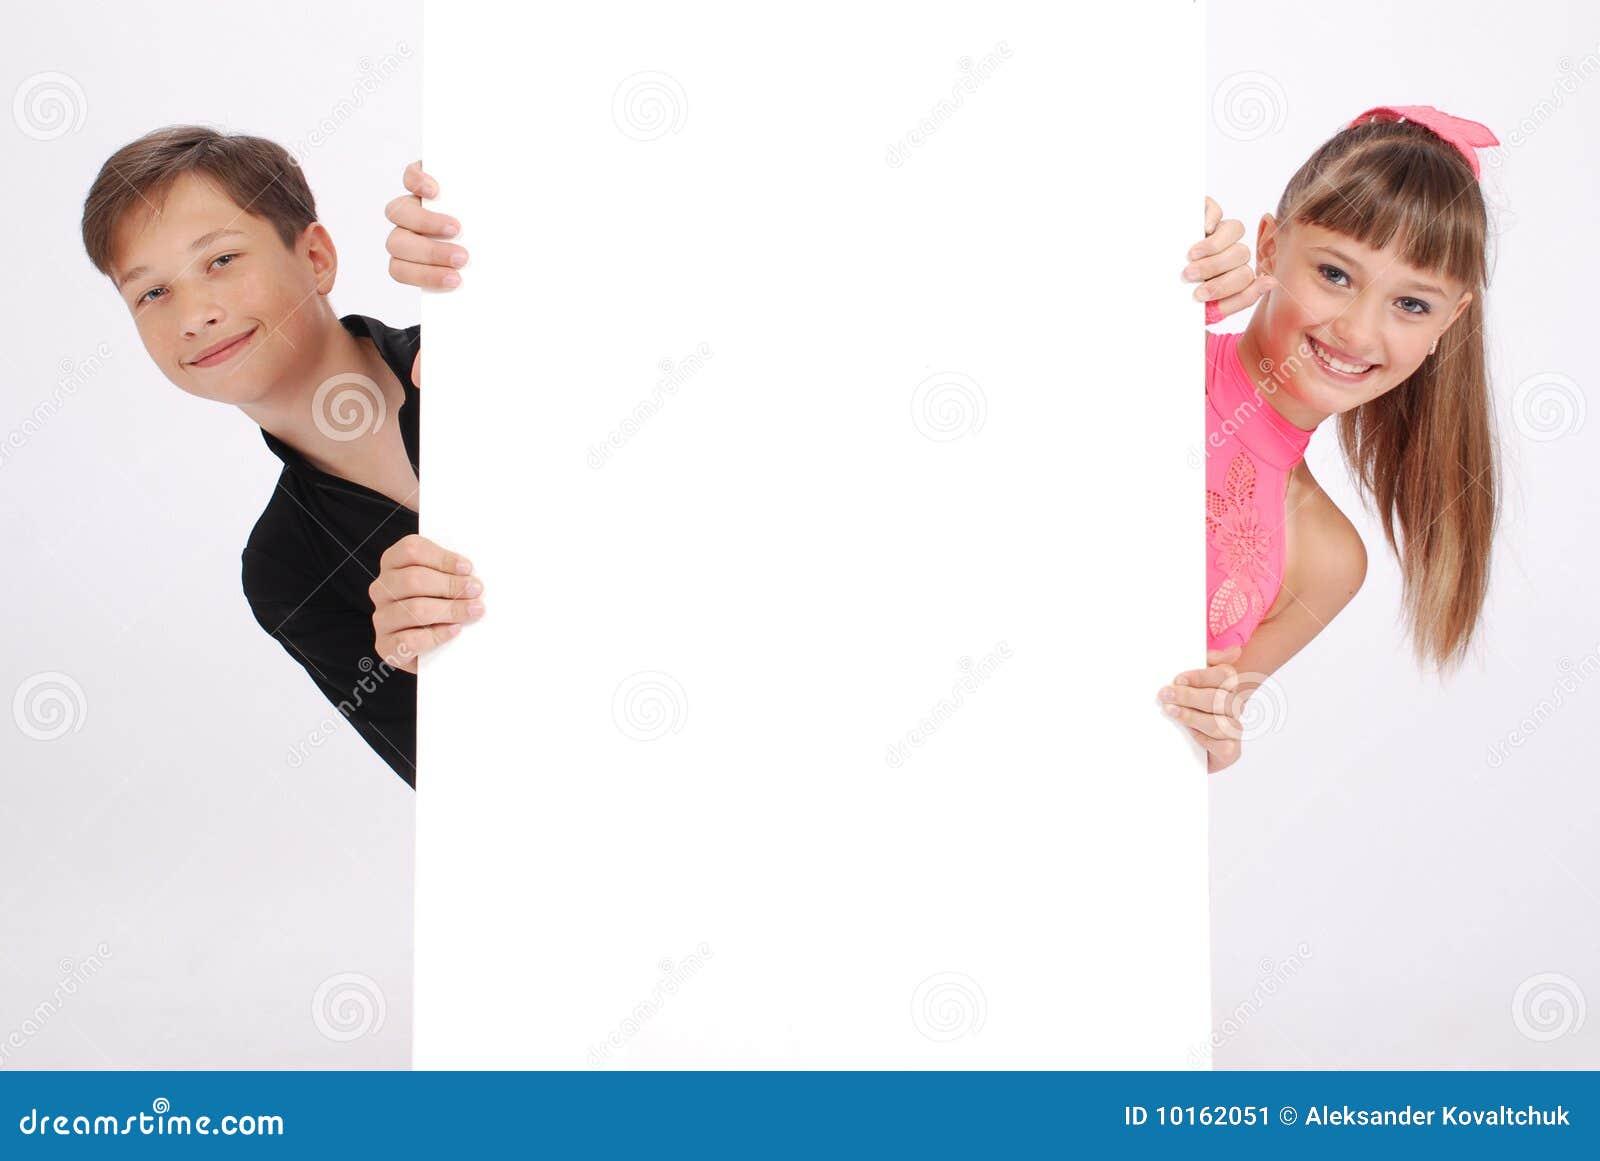 Der Junge und der Mädchenblick